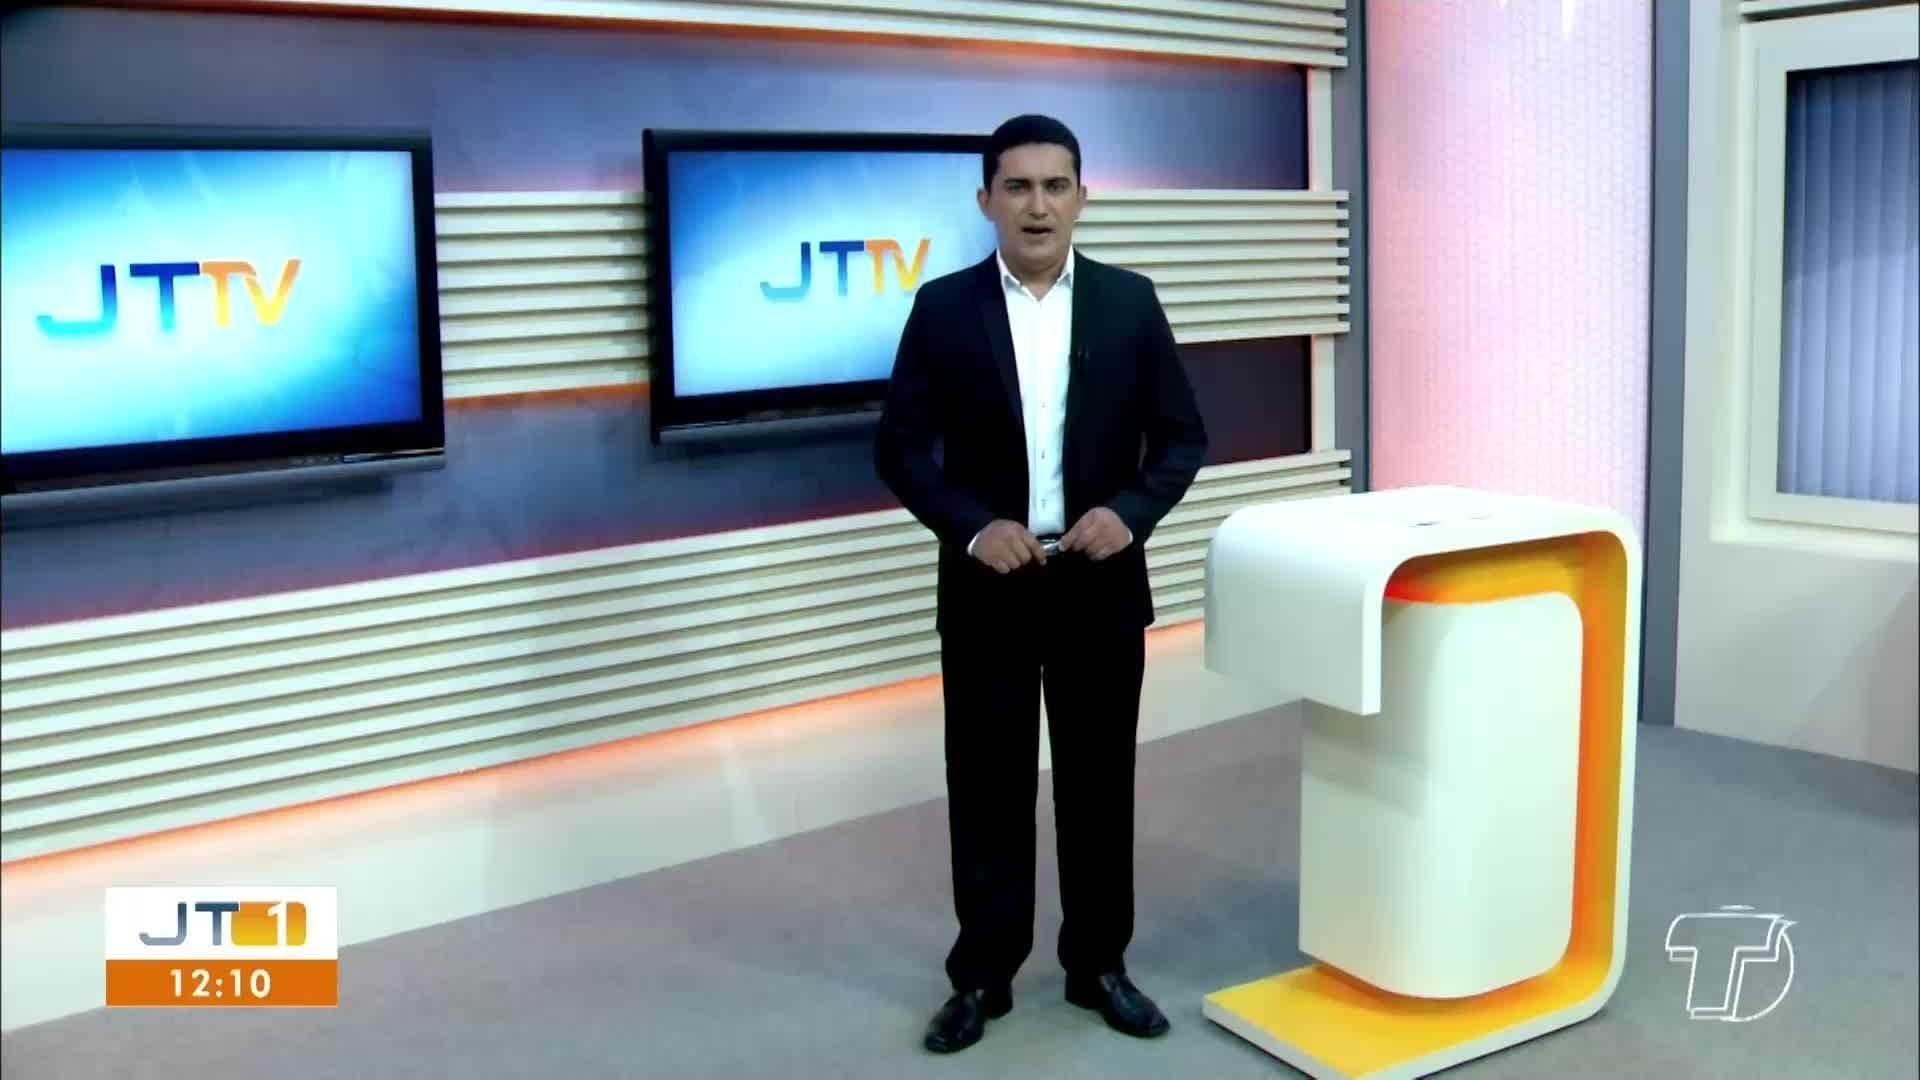 VÍDEOS: Jornal Tapajós 1ª edição de sábado, 24 de outubro